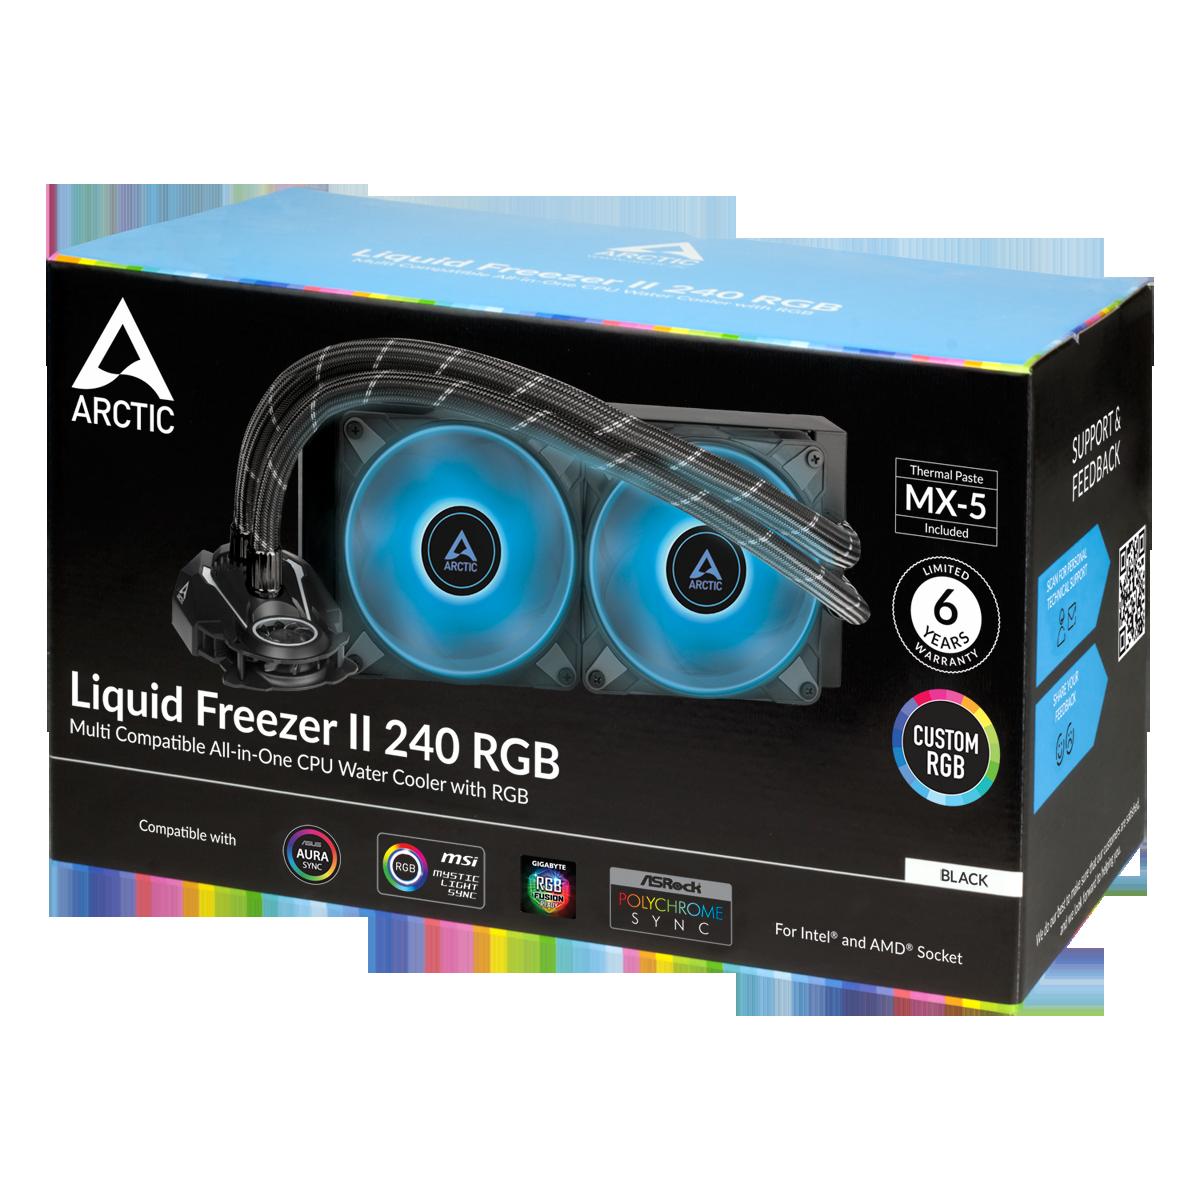 Liquid Freezer II 240 RGB